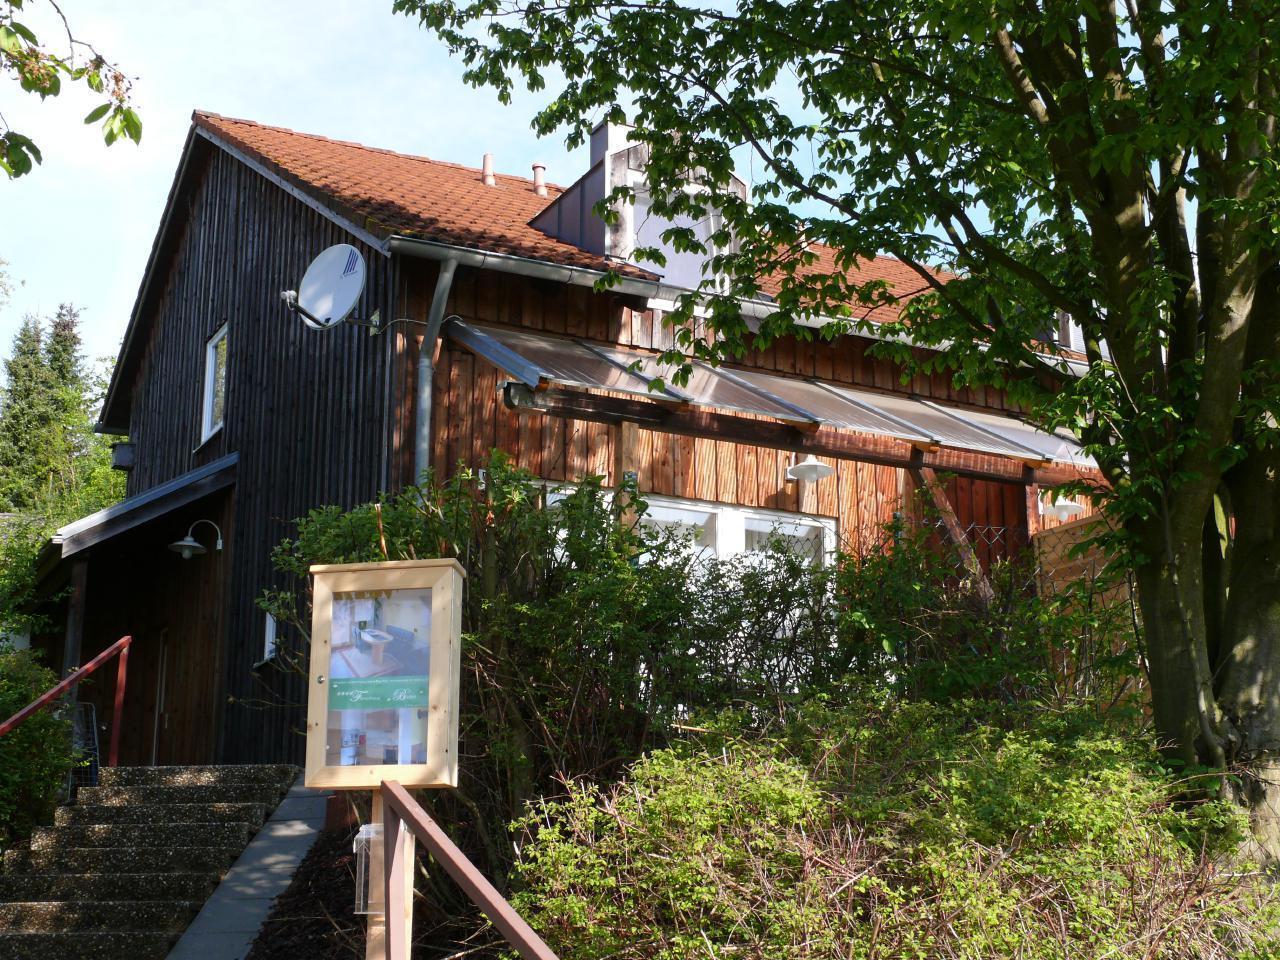 Ferienhaus Bärbel am Schlossberg; jetzt incl. Heizung, Strom, Wasser, Müll, WLAN und 2. Fernseher* (402830), Zandt, Bayerischer Wald, Bayern, Deutschland, Bild 2